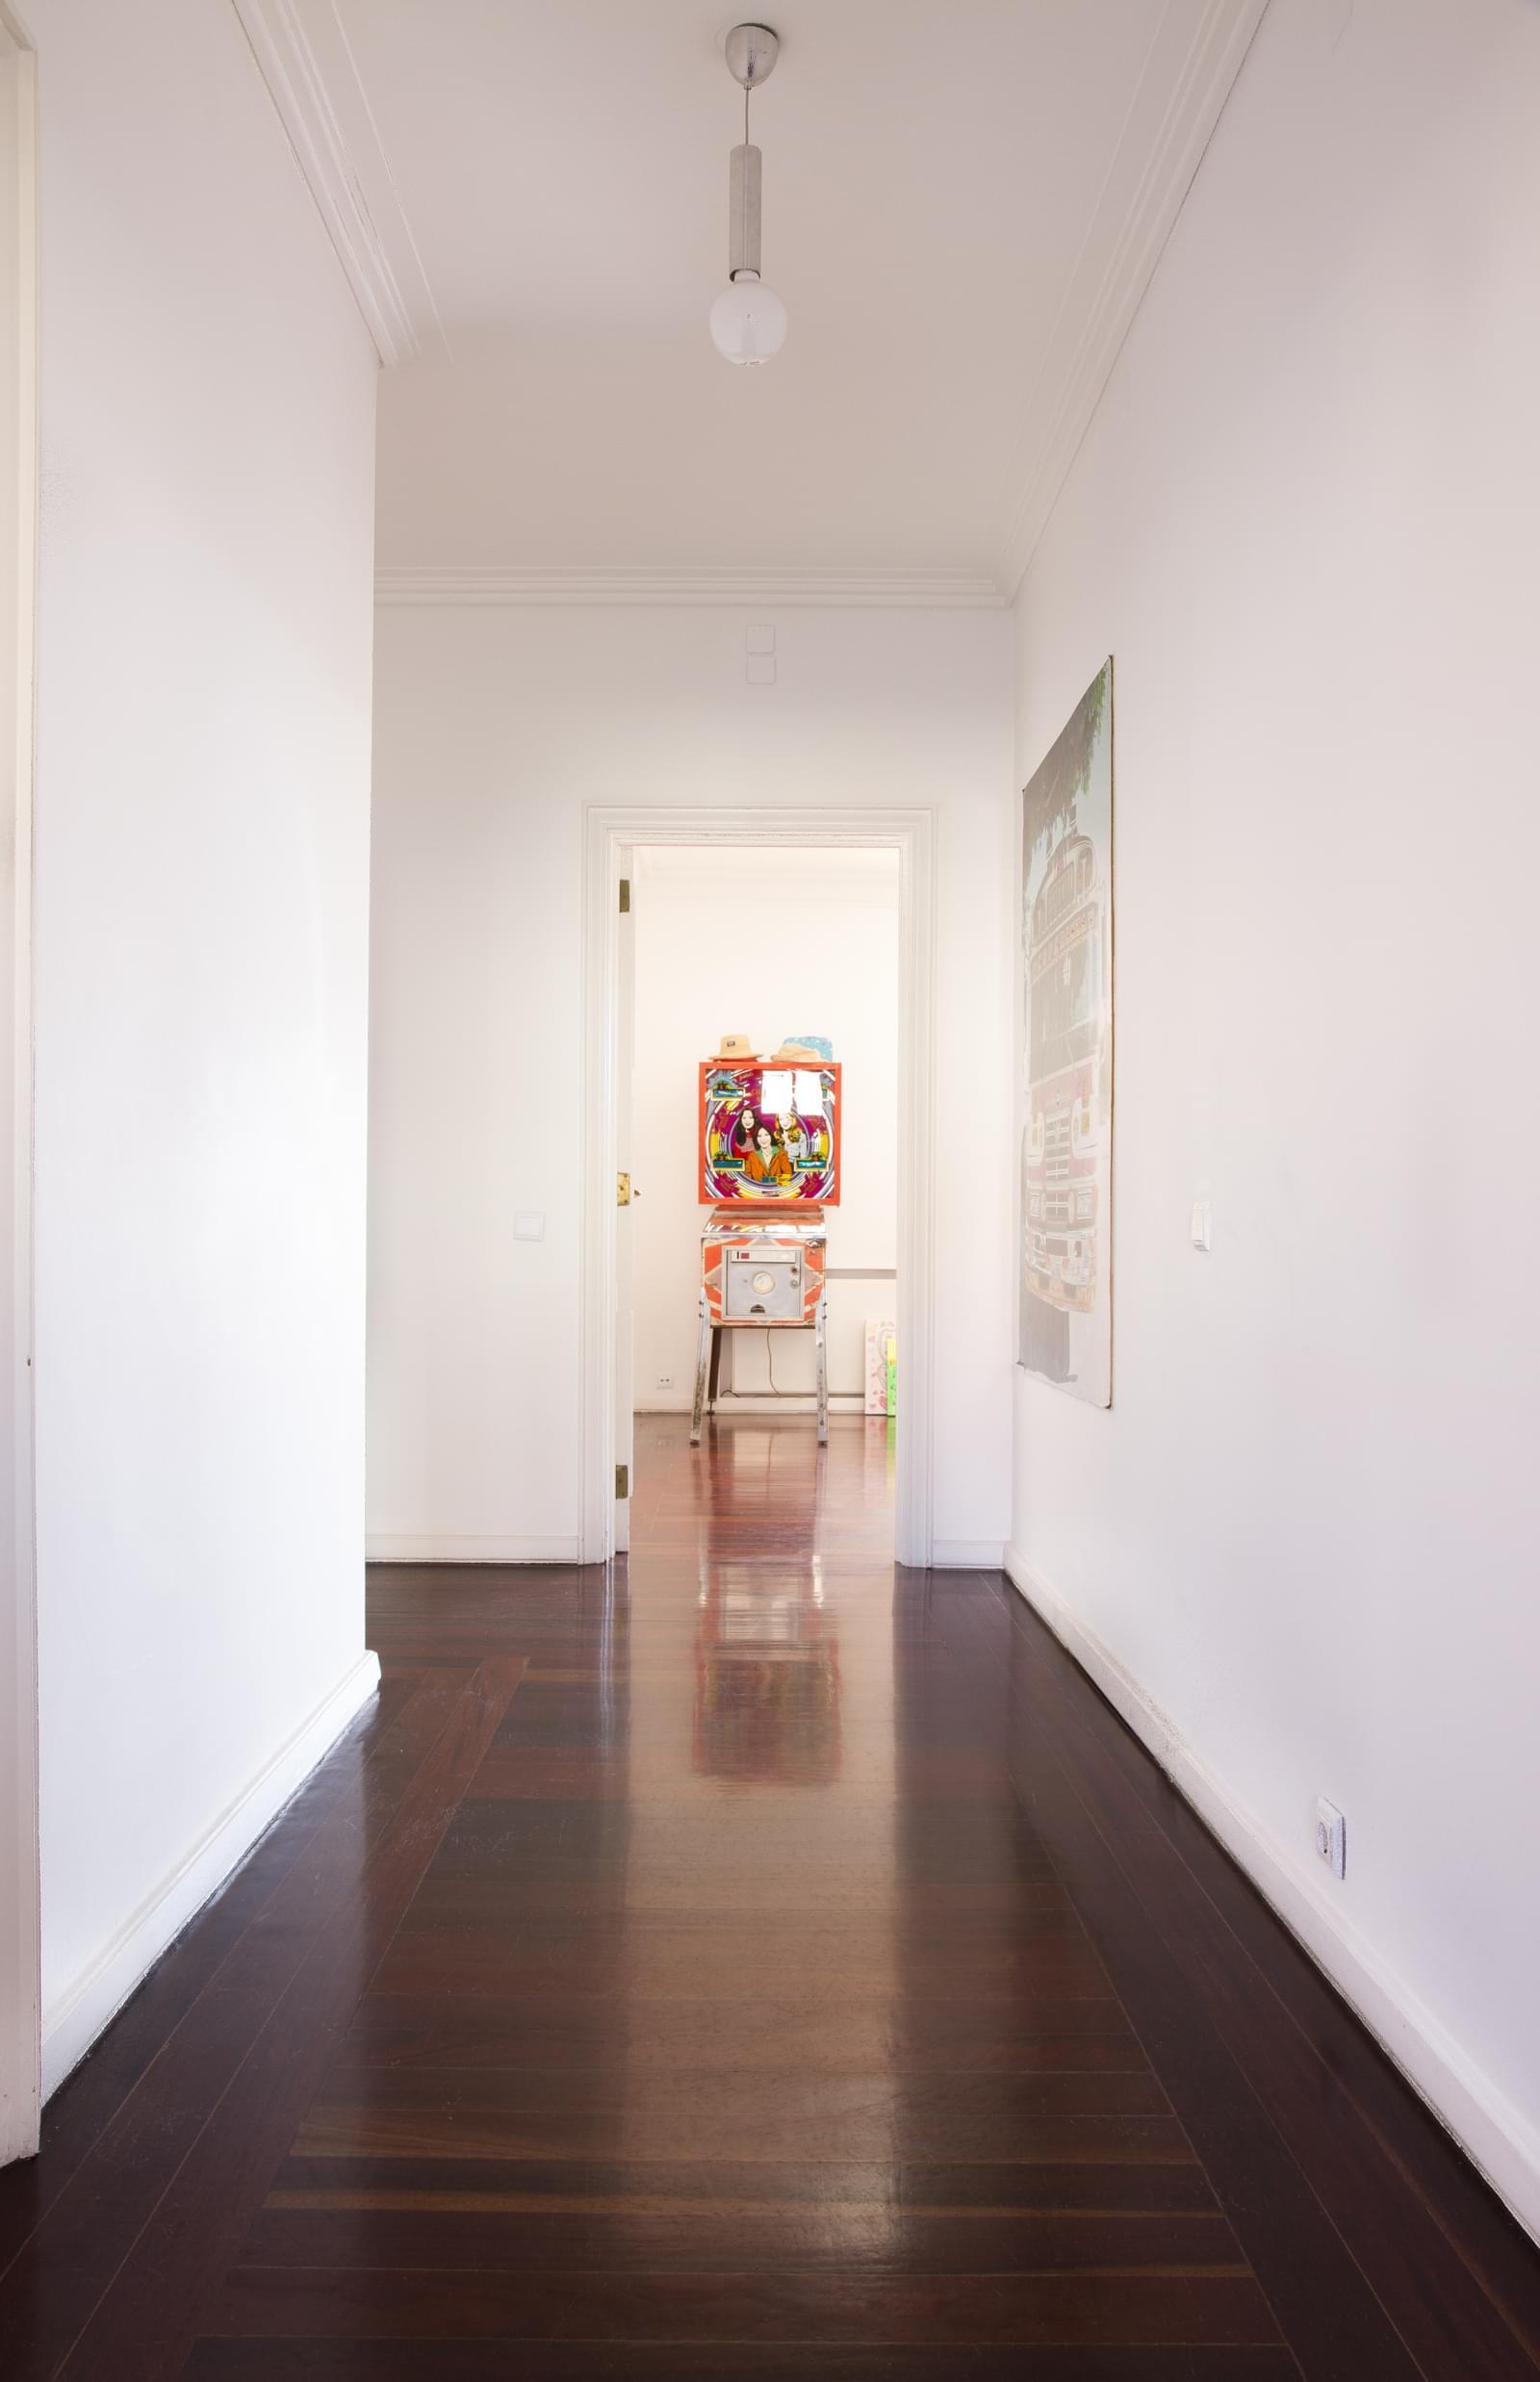 pf18175-apartamento-t5-lisboa-86f7009a-1b2a-4488-bd98-af41a0dc5072